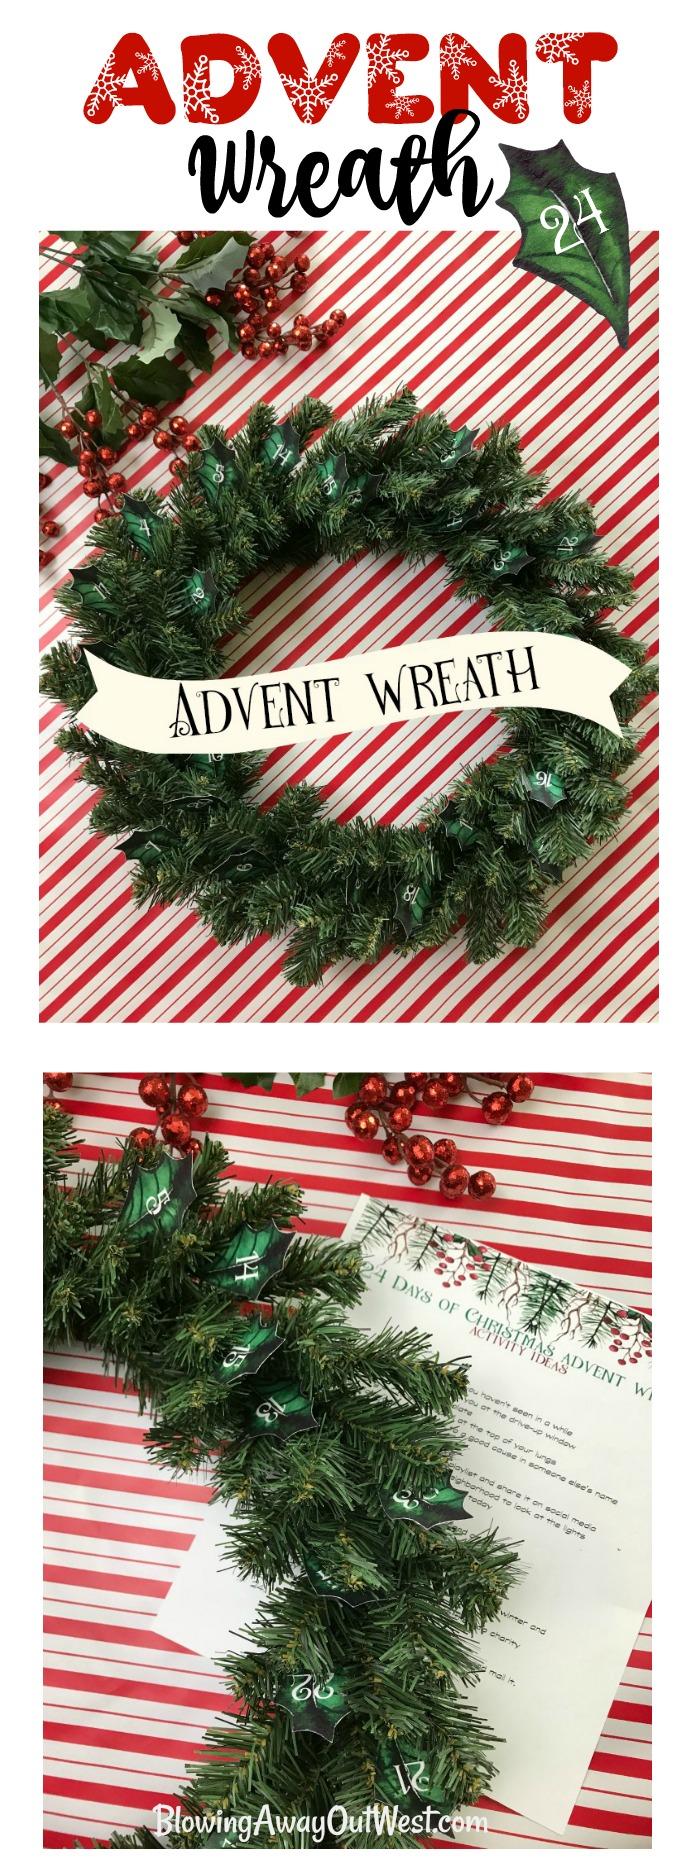 Christmas Advent Calendar Wreath   blowingawayoutwest.com - DIY Christmas Advent Calendar Wreath with Free Project Printables #adventcalendar #christmaswreath #adventcalendarwreath #freechristmasprintable #diywreath #12daysofChristmas